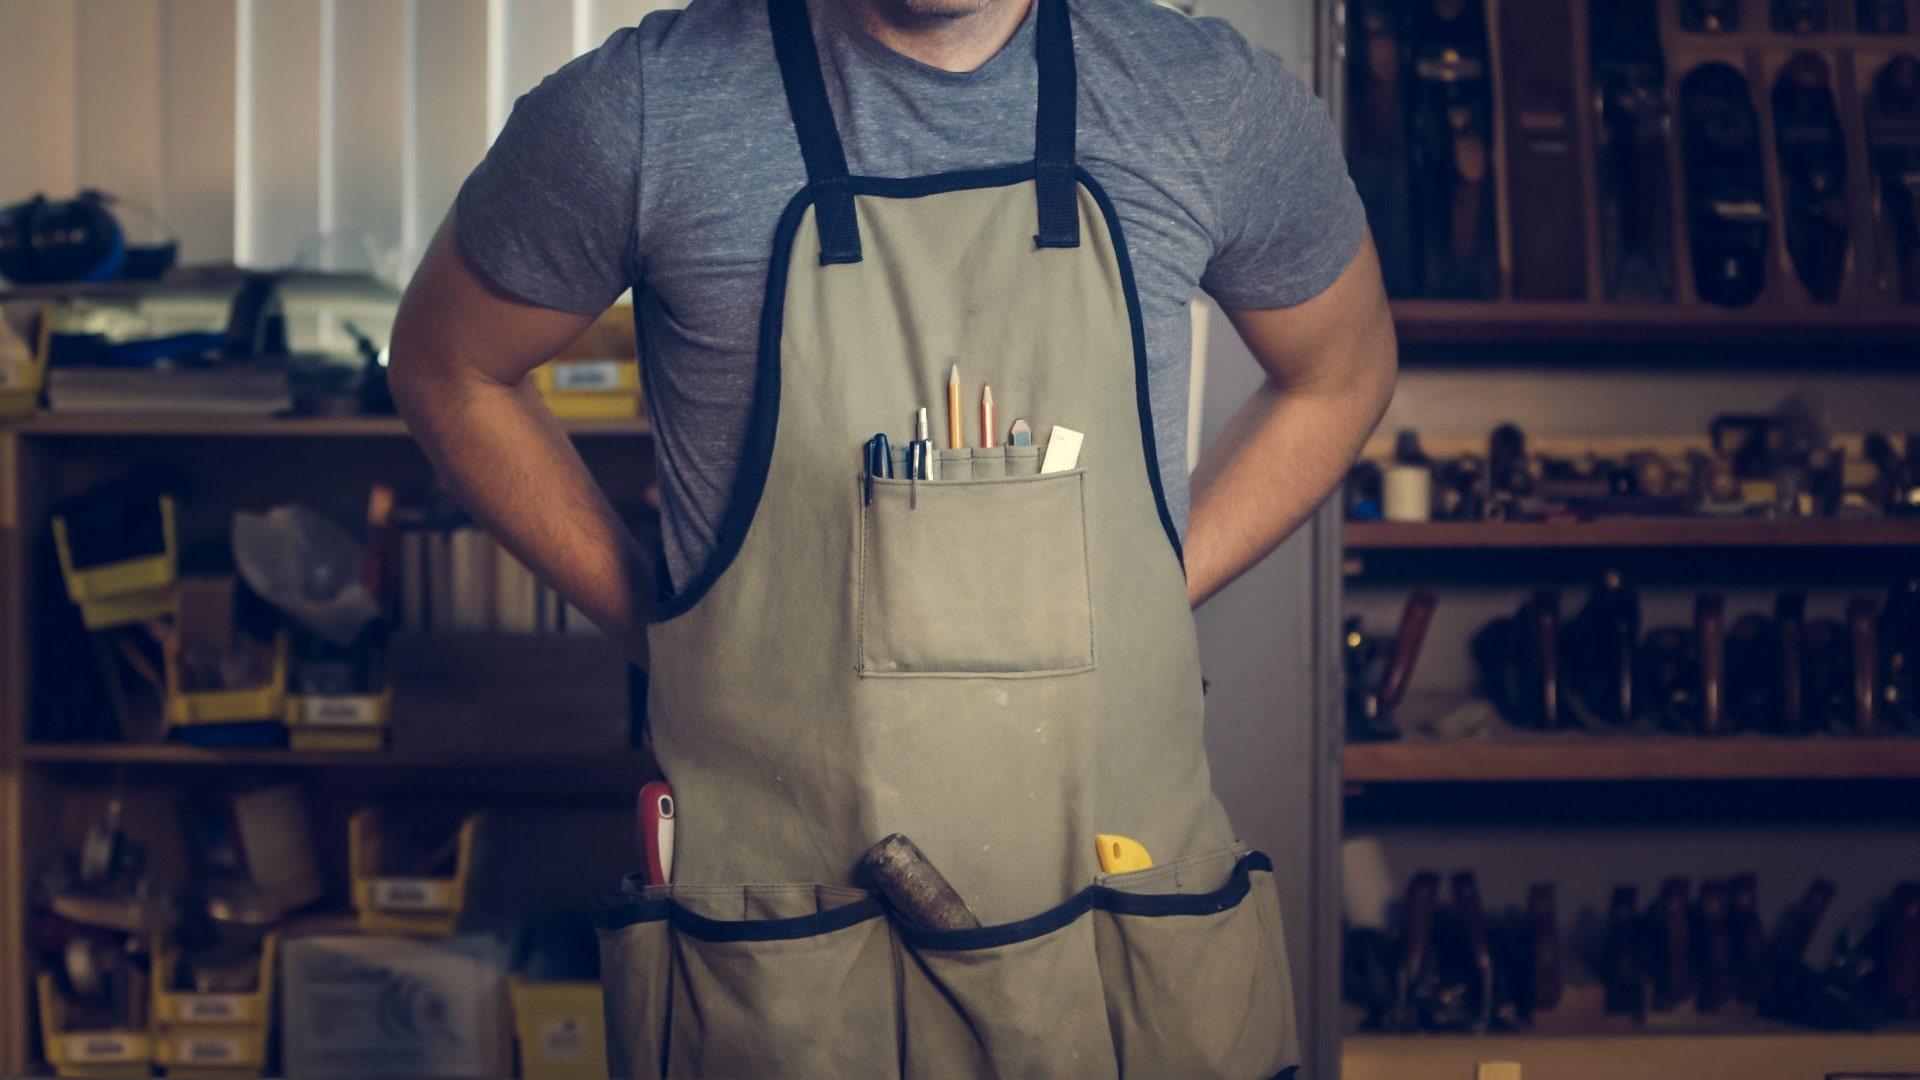 Temeljni mesečni dohodek za samozaposlene